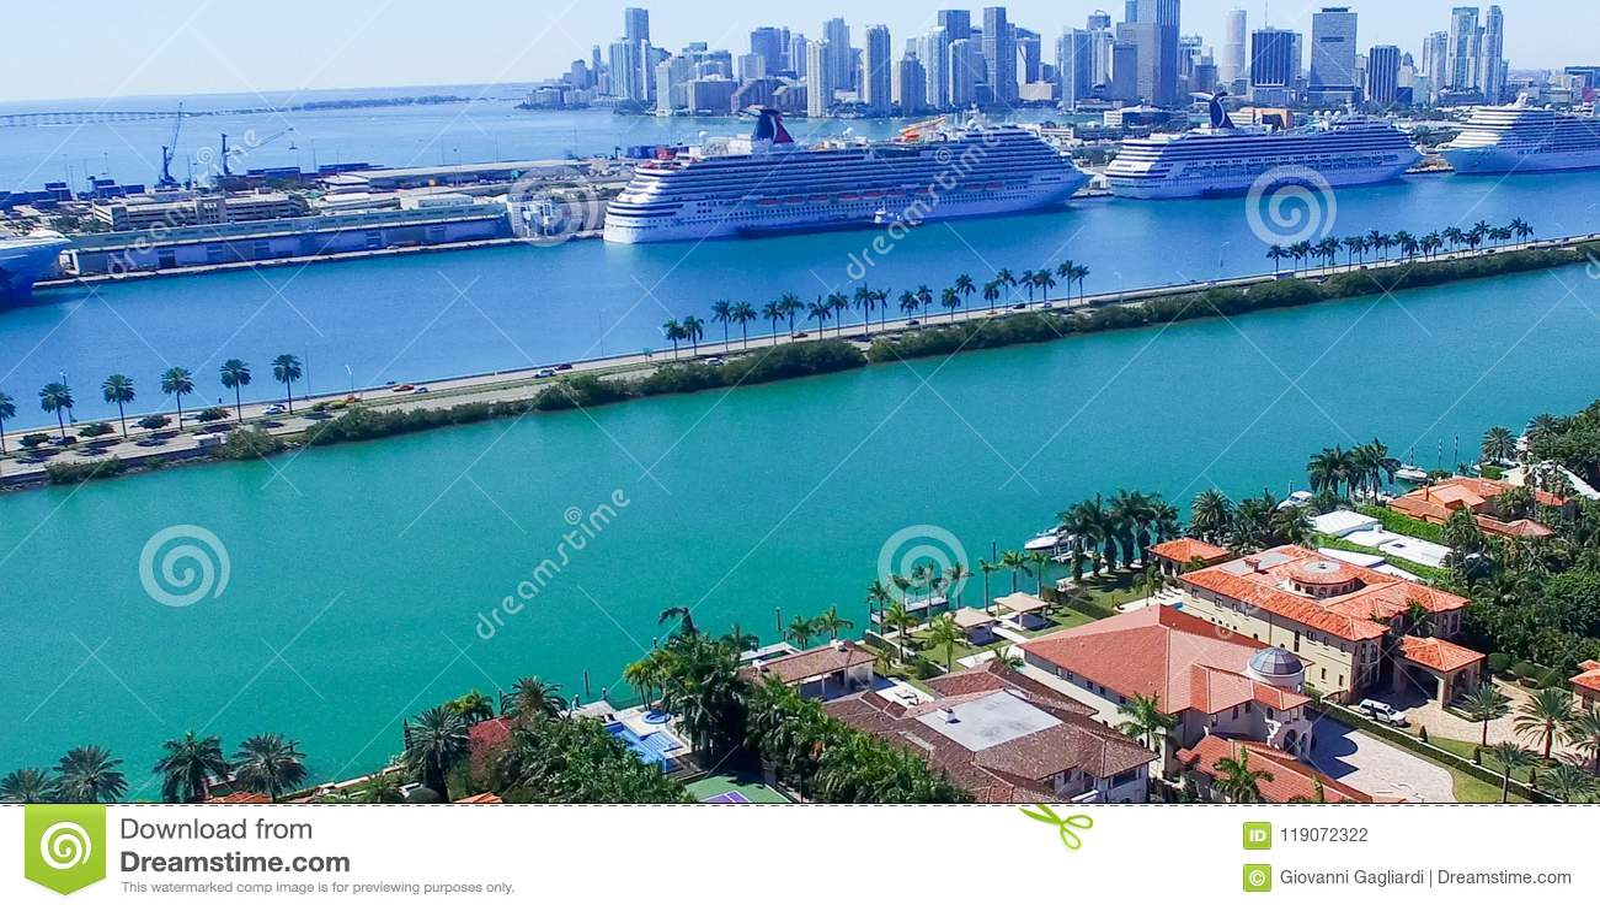 MIAMI - 27 FÉVRIER 2016 : Bateaux de croisière dans le port de Miami La ville